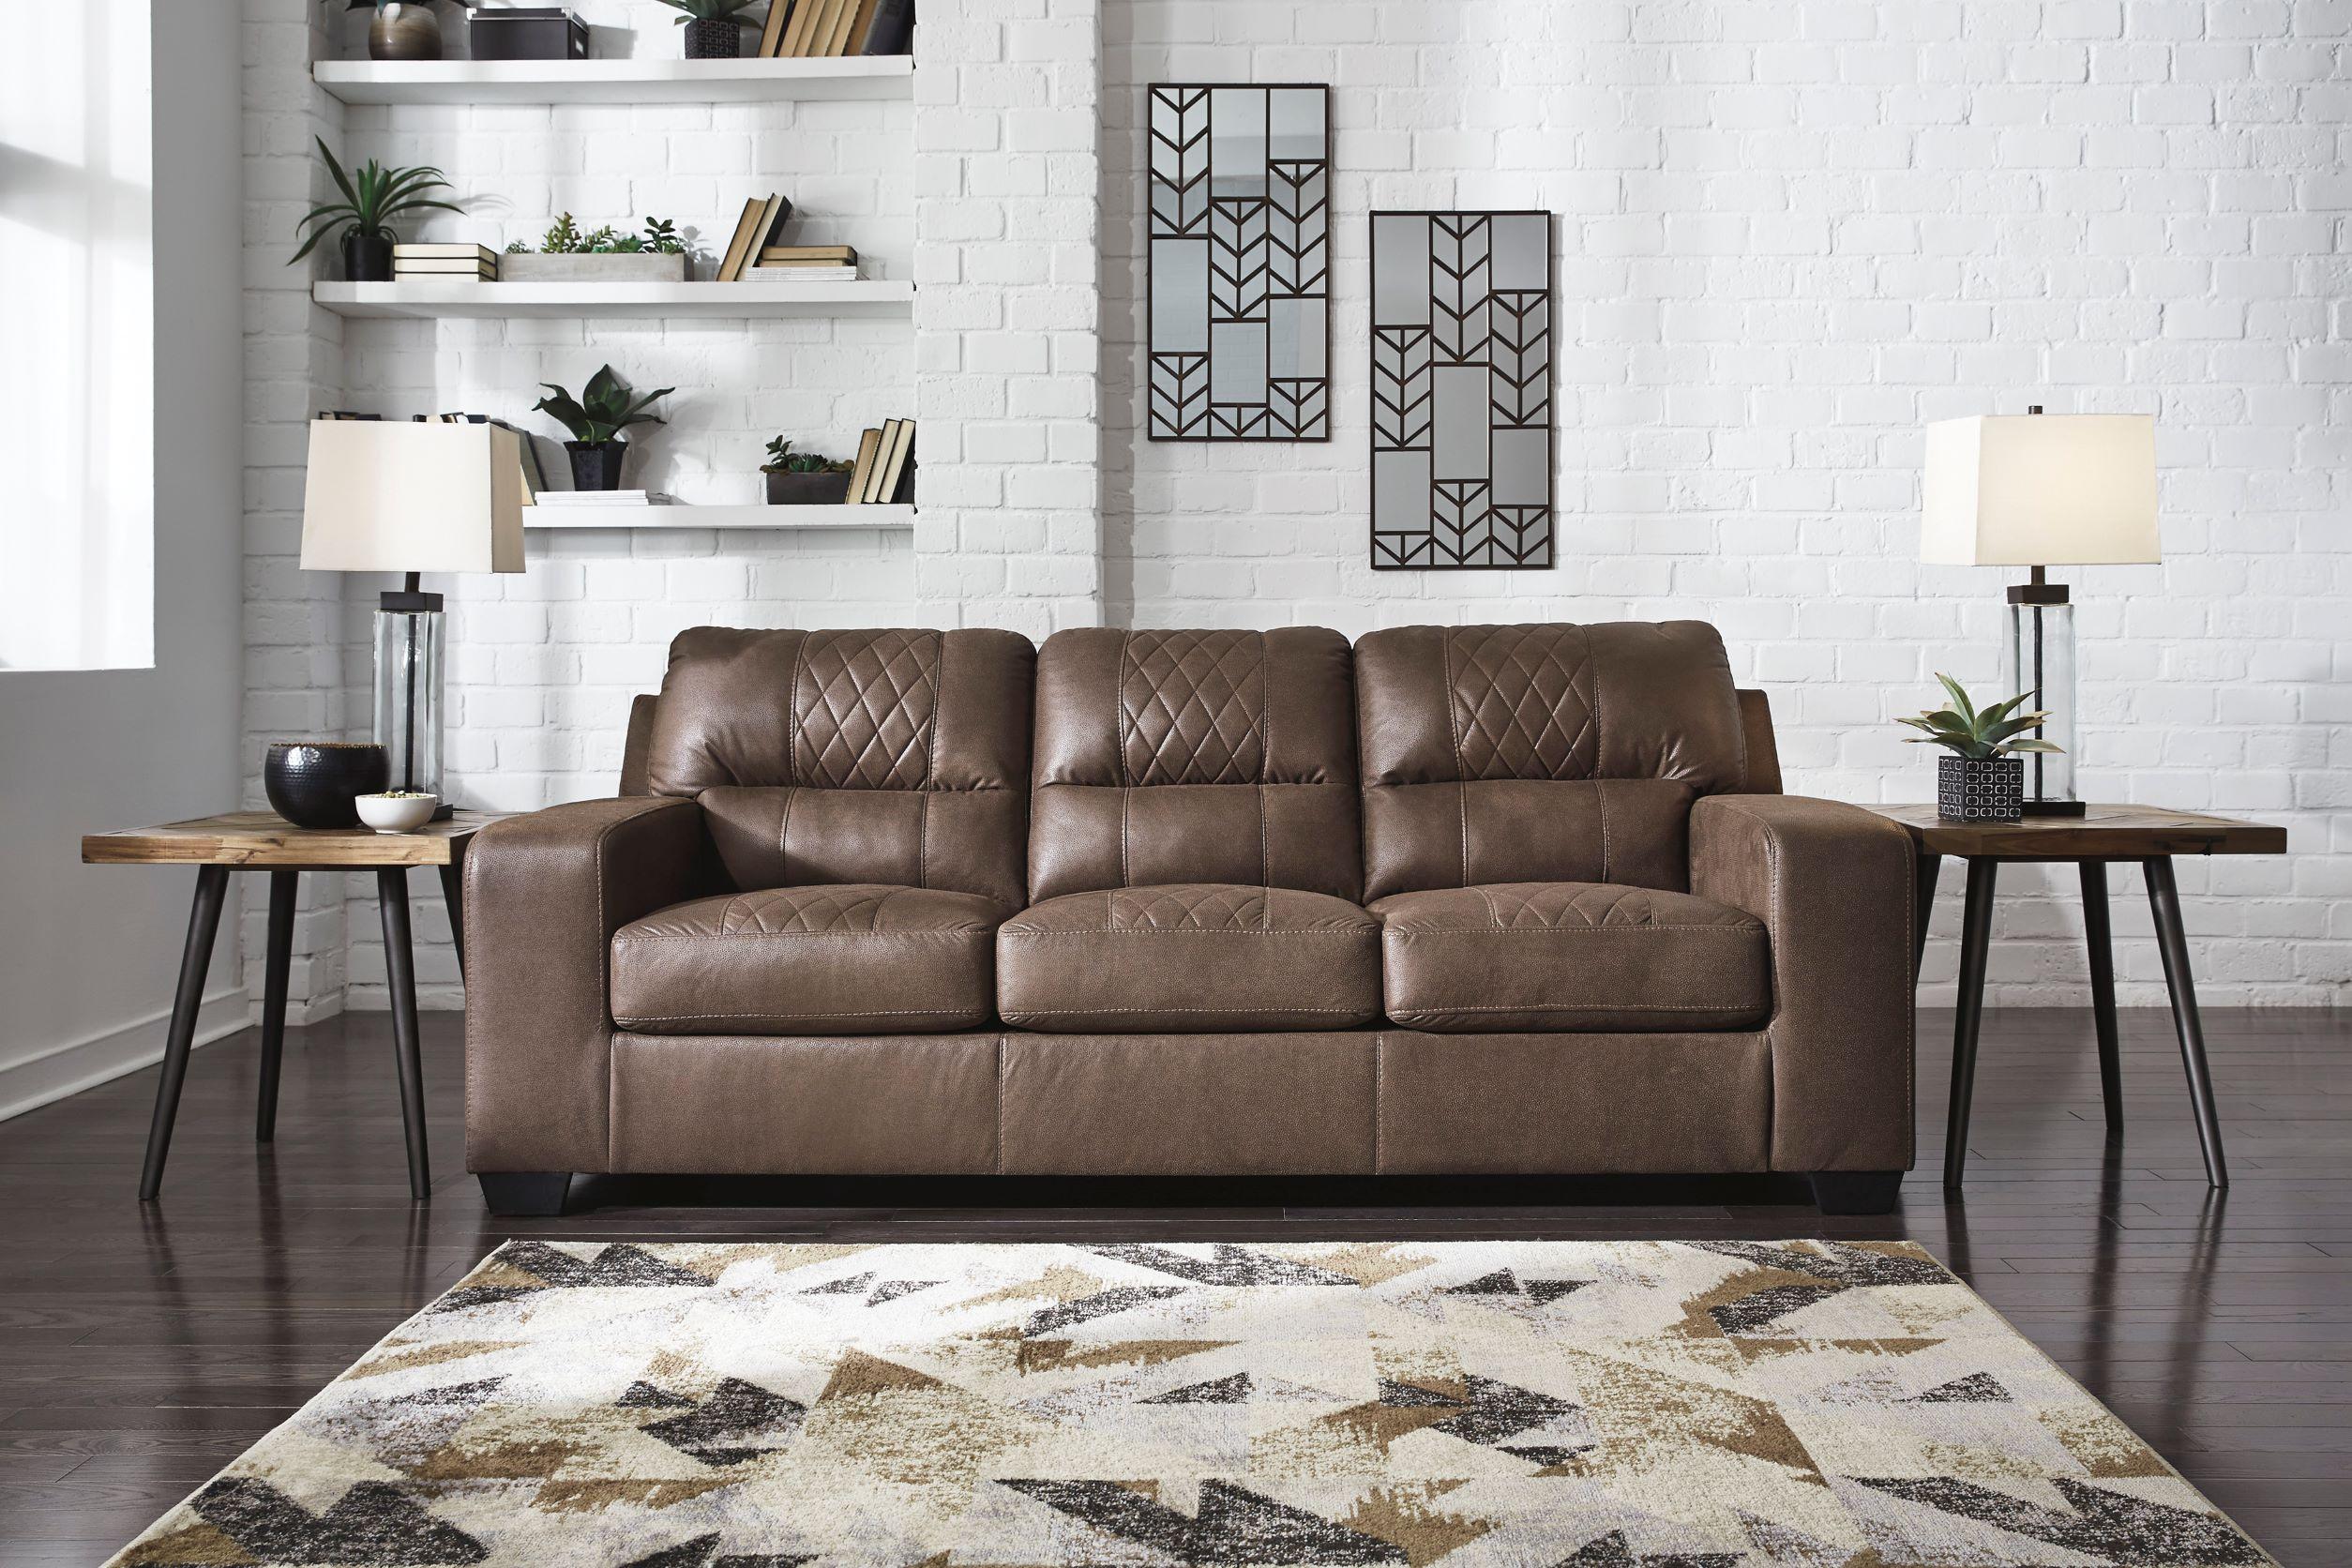 74402 Sofa